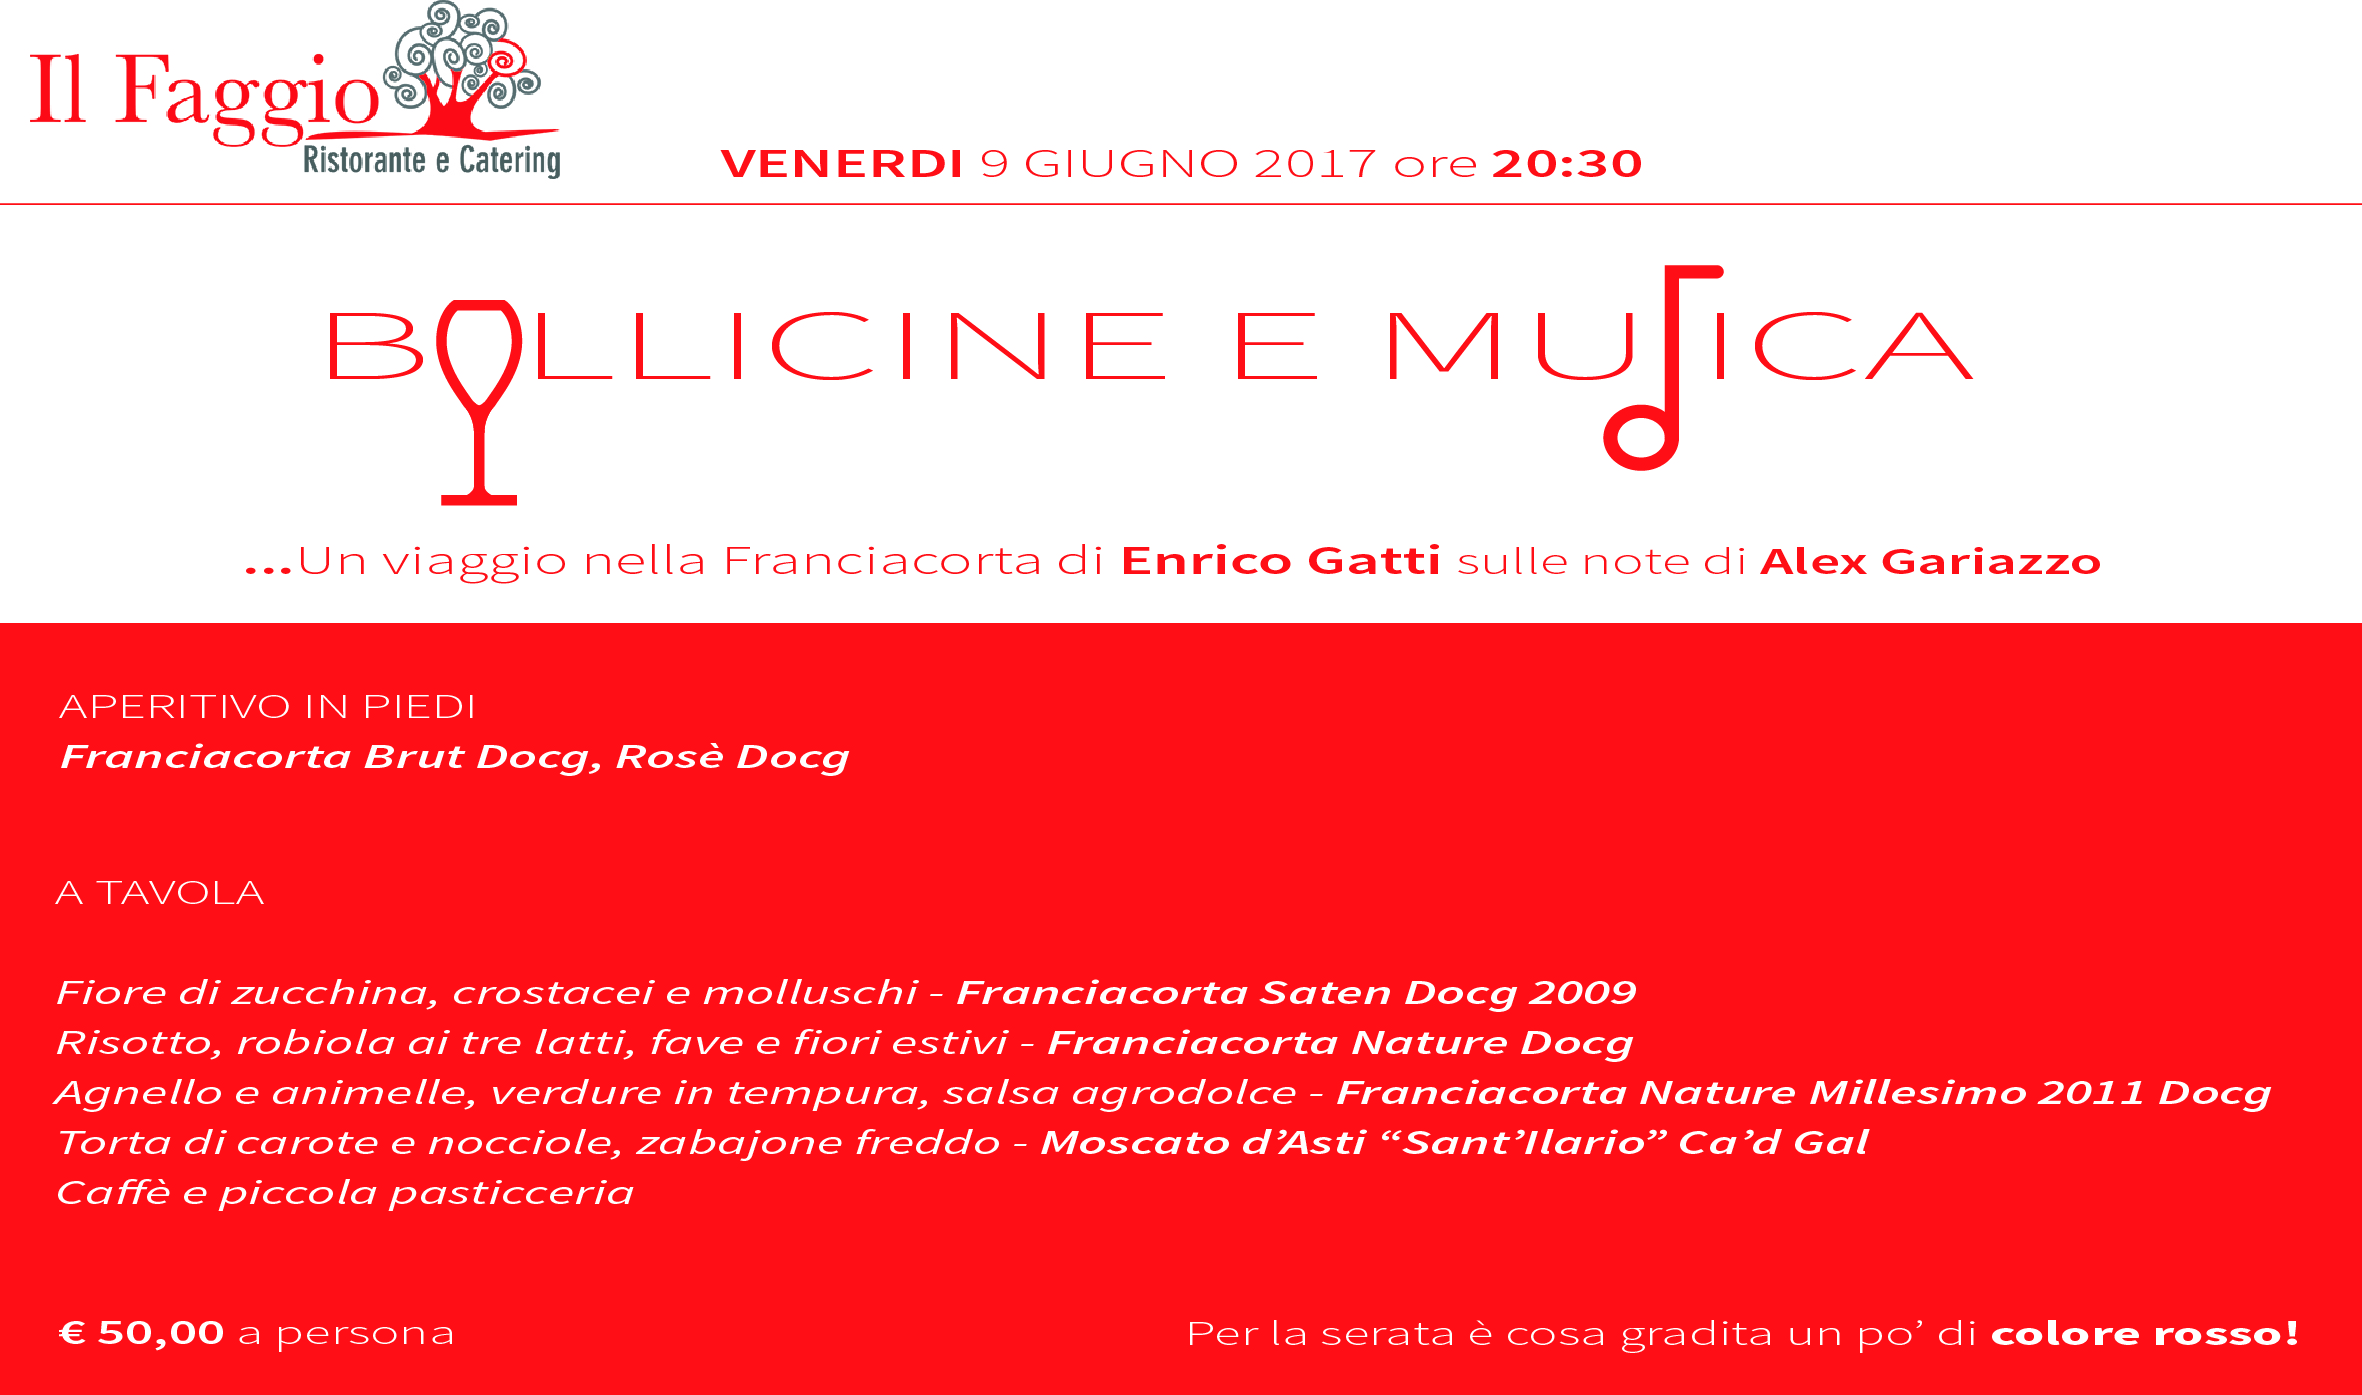 BOLLICINE E MUSICA....VENERDI' 9 GIUGNO, ORE 20.30